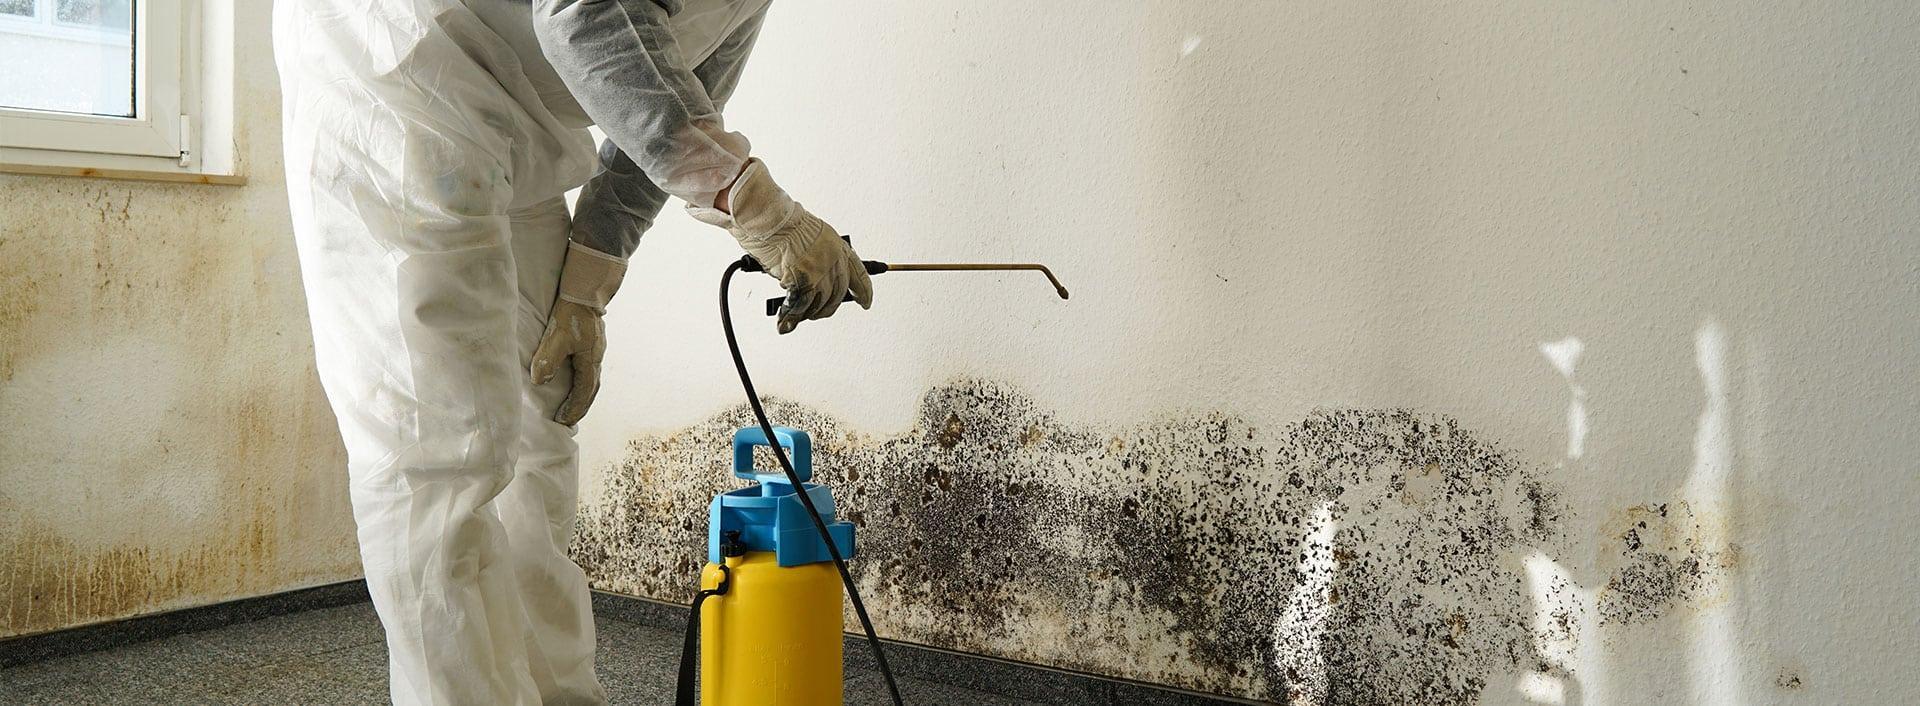 обработка бетона от плесени